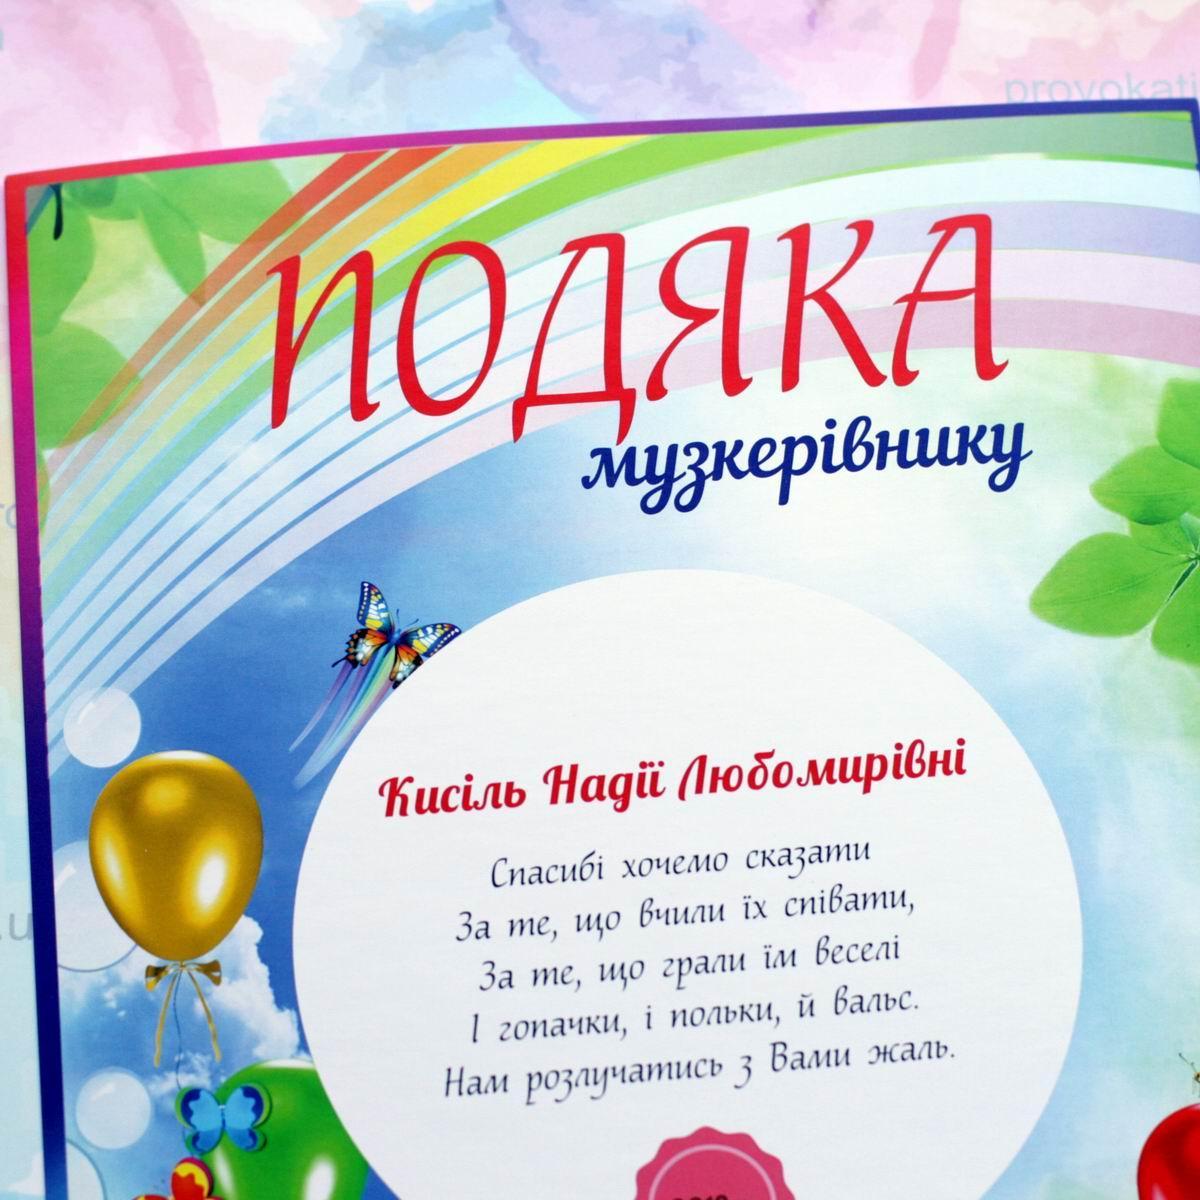 Именная подяка, благодарность для персонала детского сада